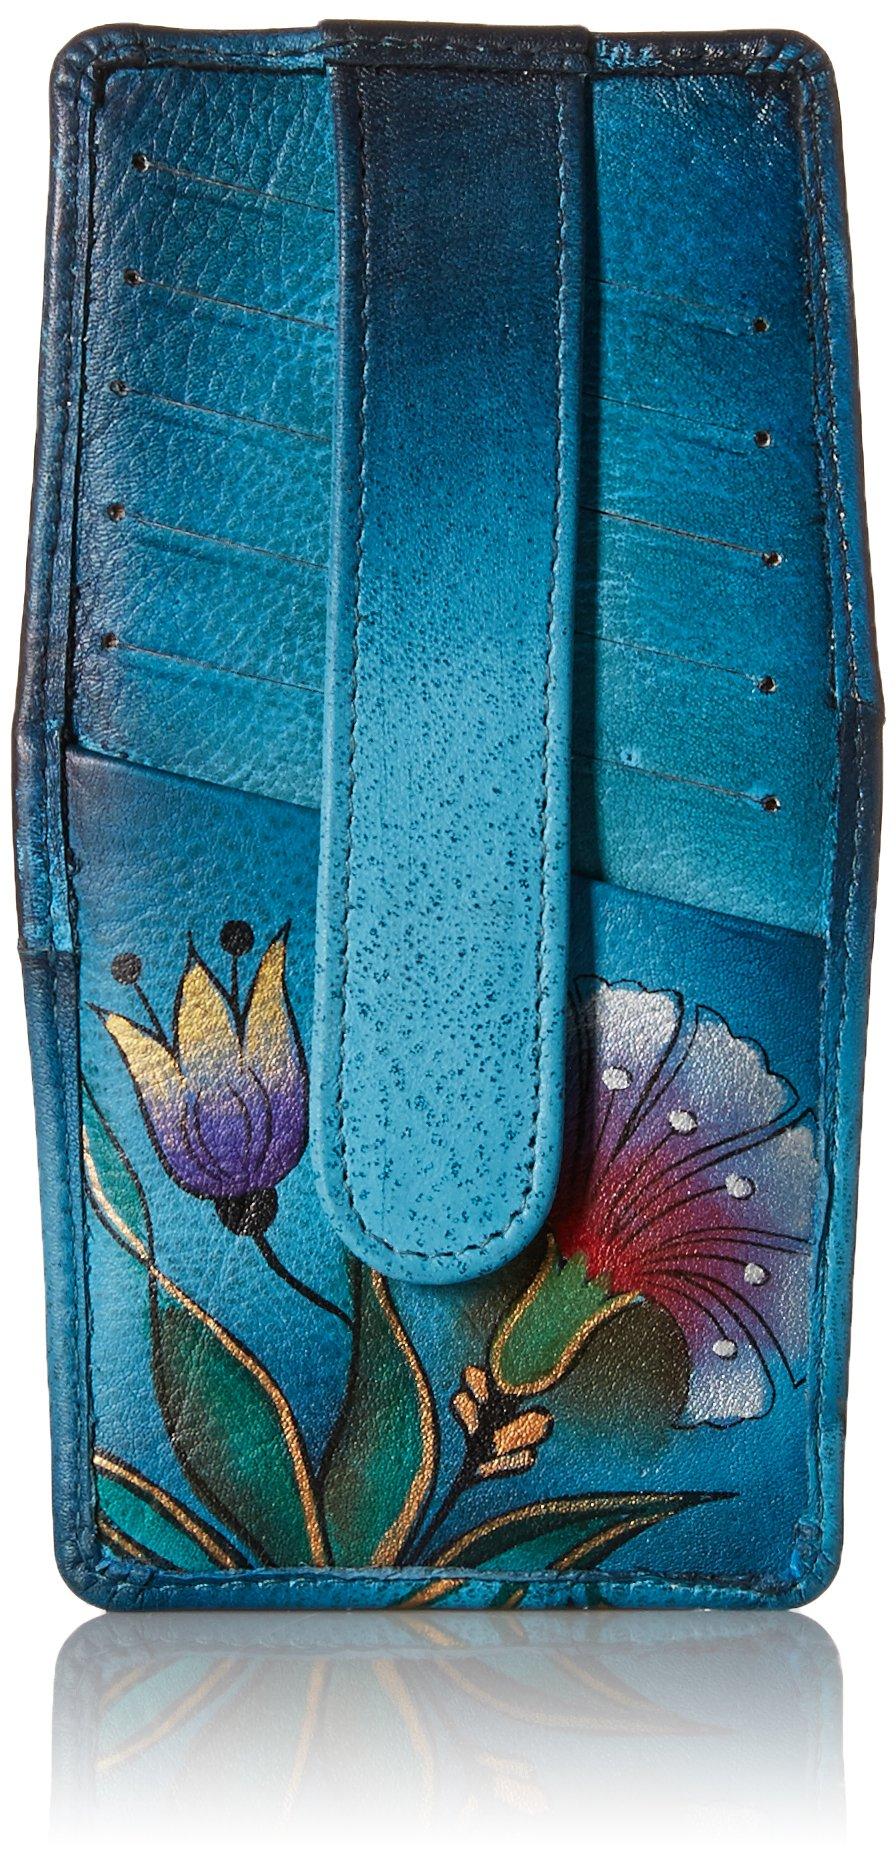 Anna by Anuschka Women's Handpainted Leather Credit Card Holder, Turkish Garden Denim, One Size